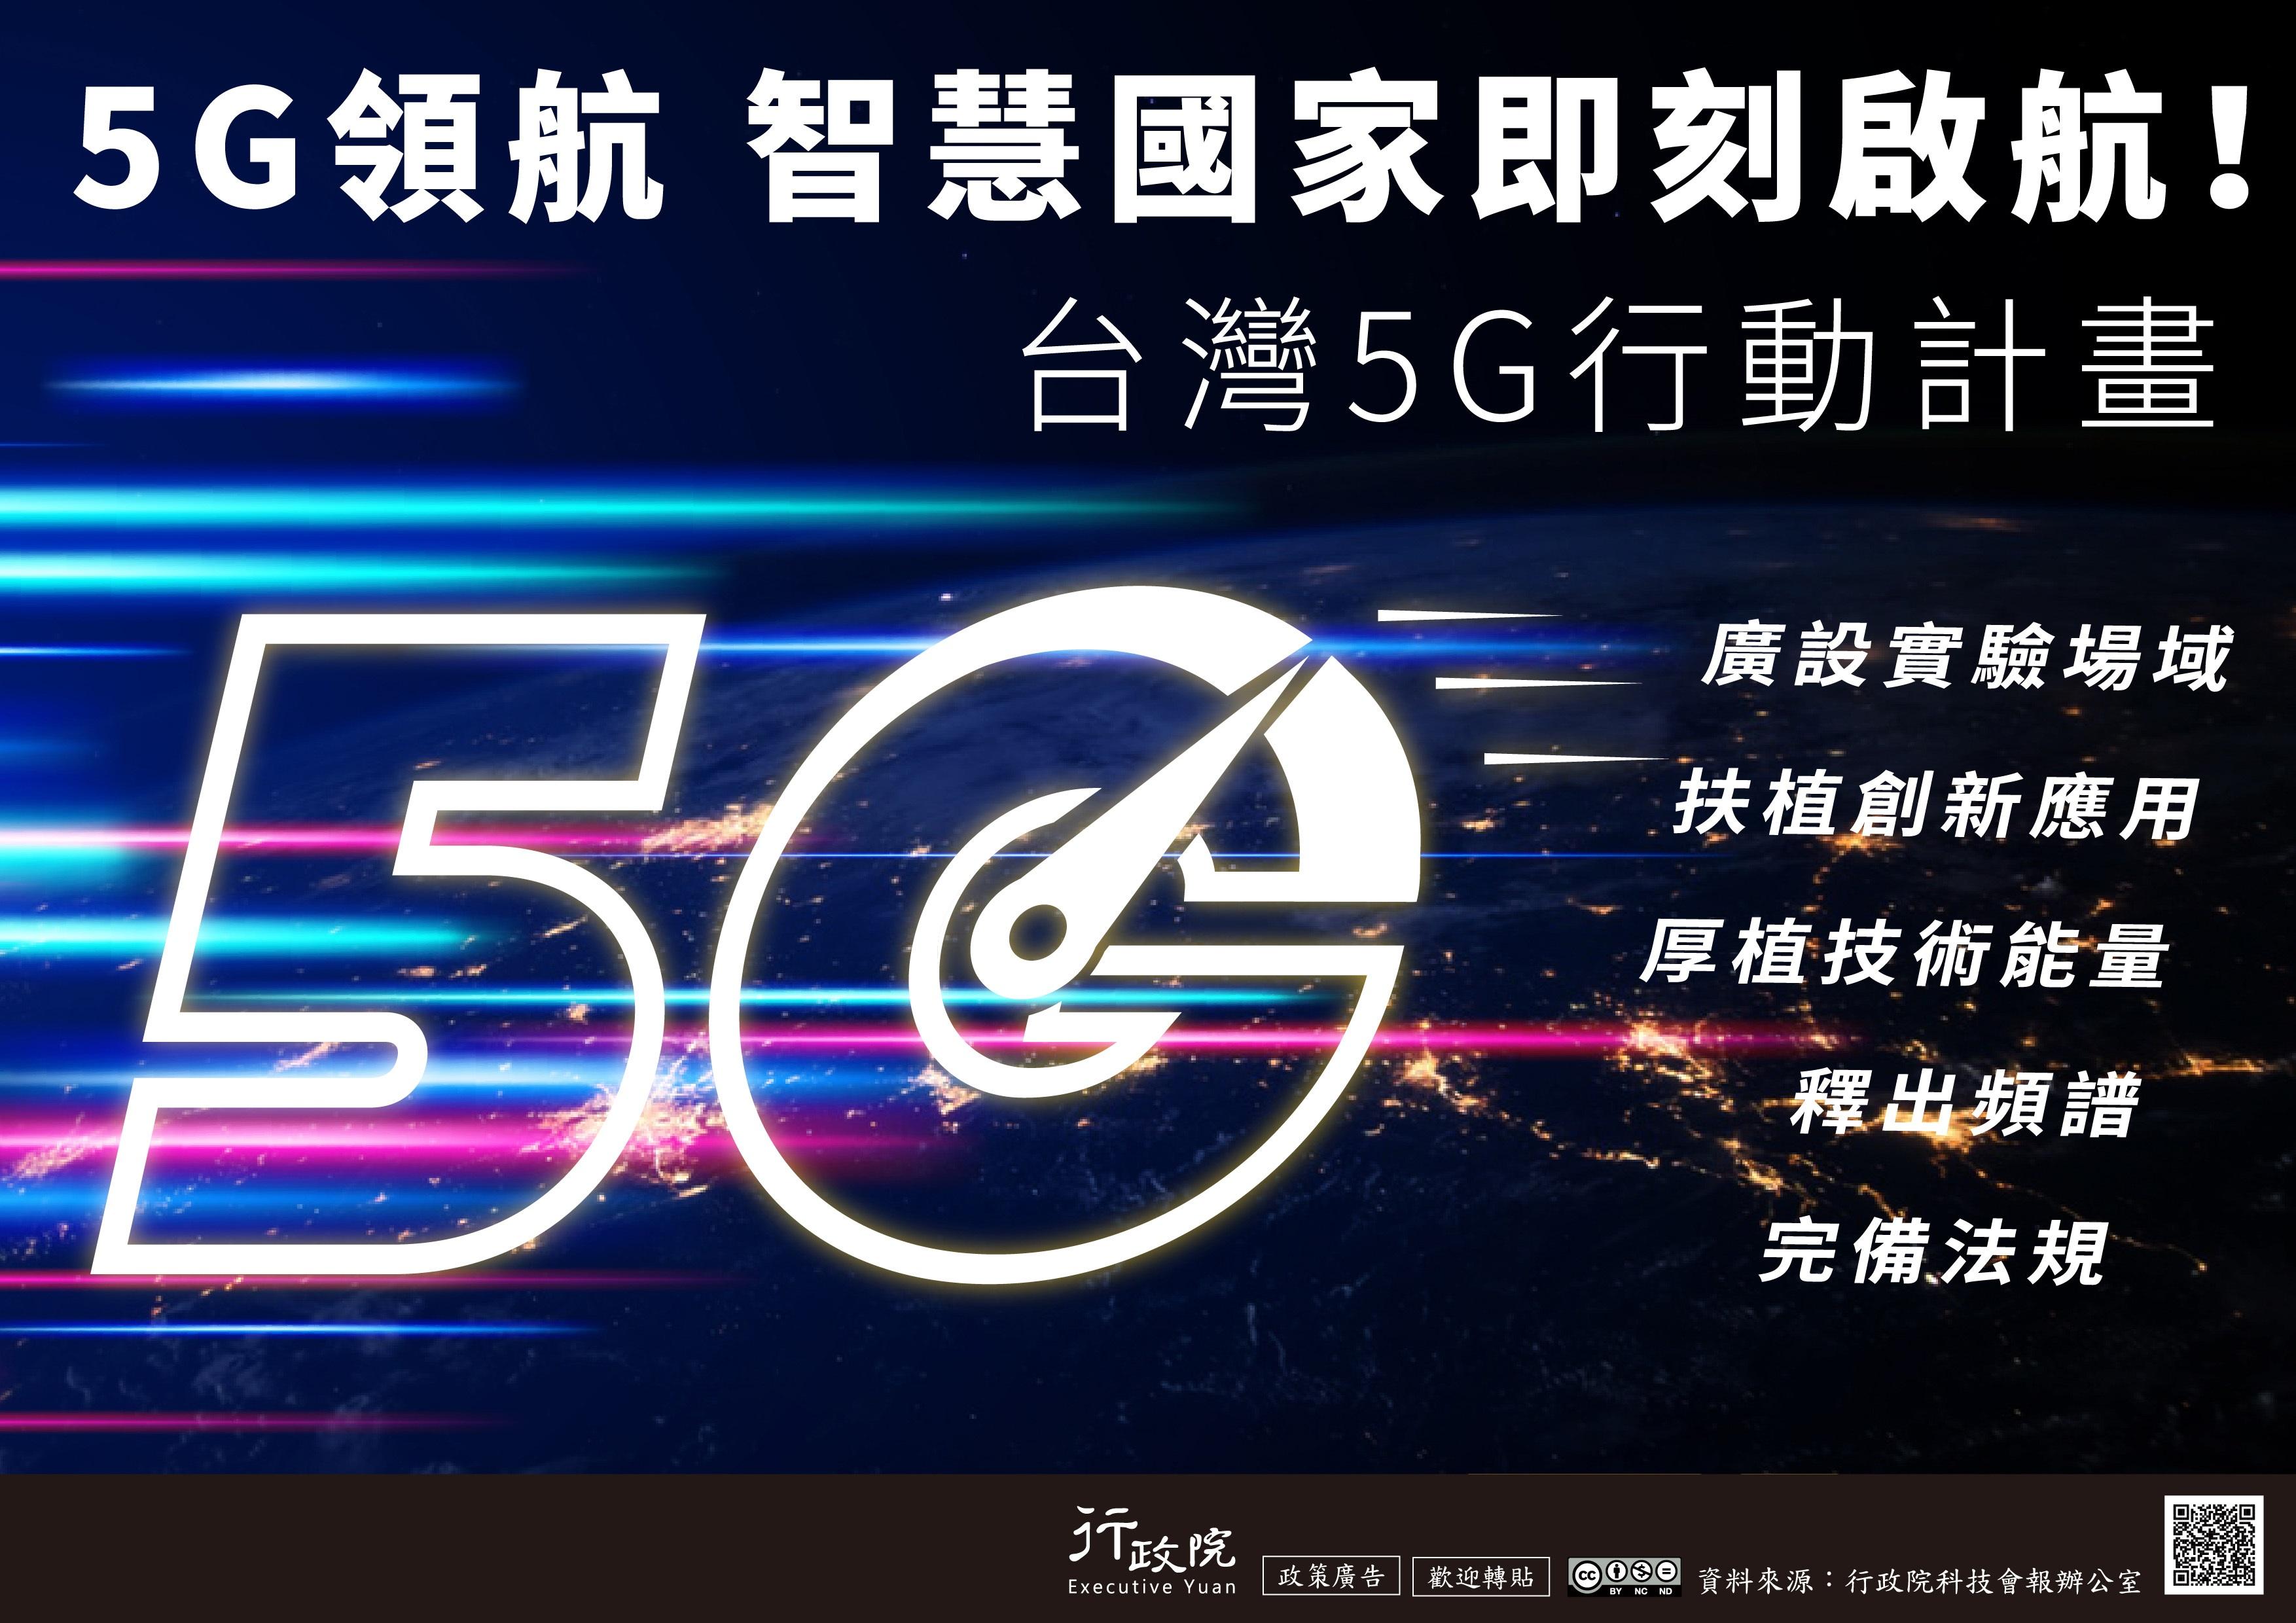 行政院「台灣5G行動計畫」eDM.jpg